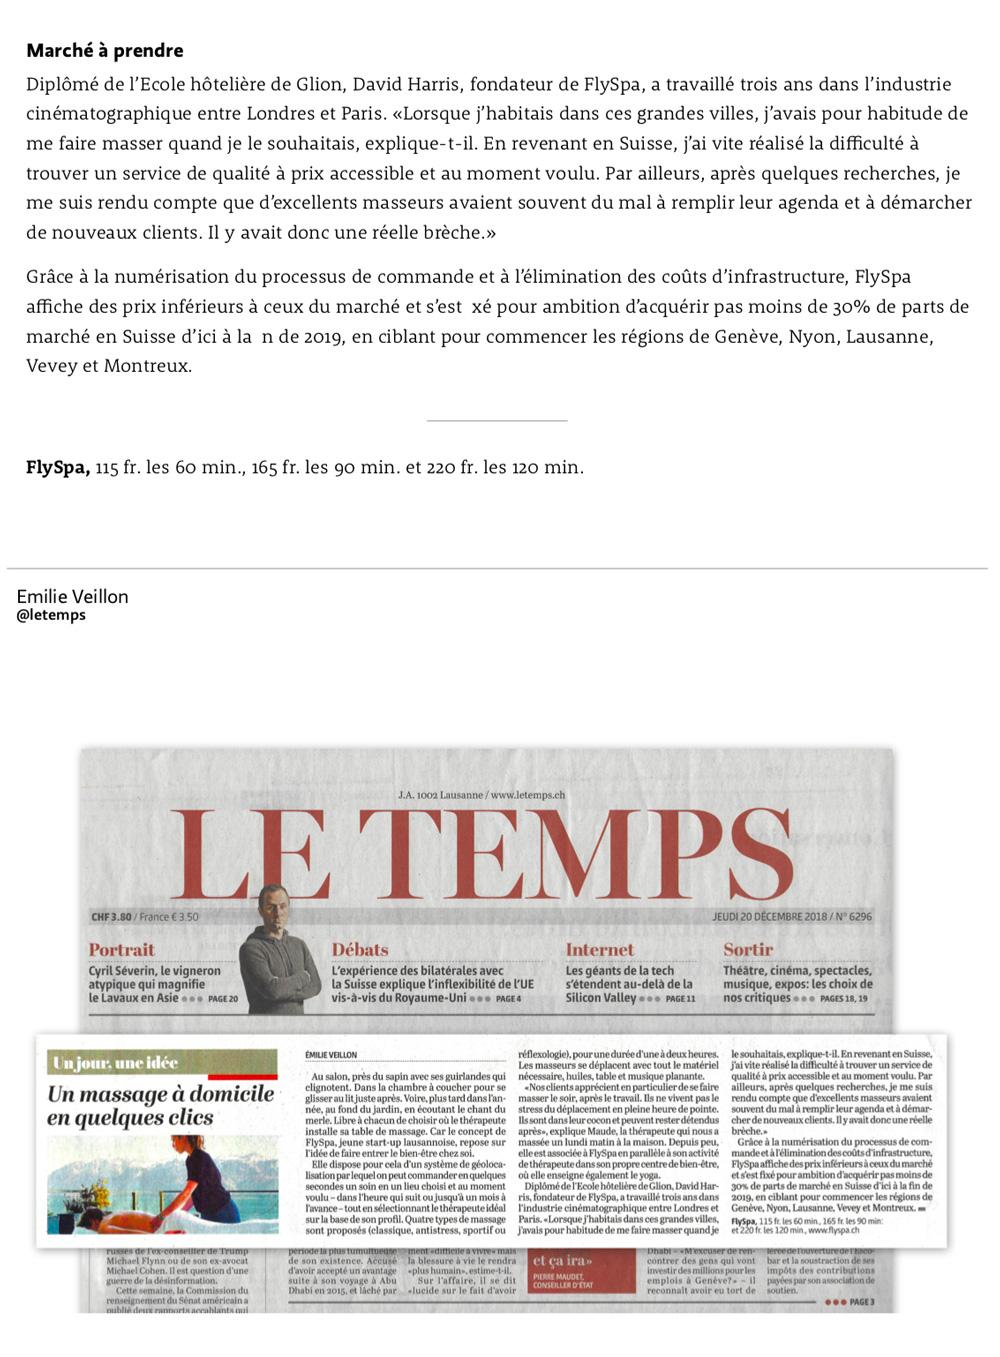 Article Le Temps - 20 décembre 2018